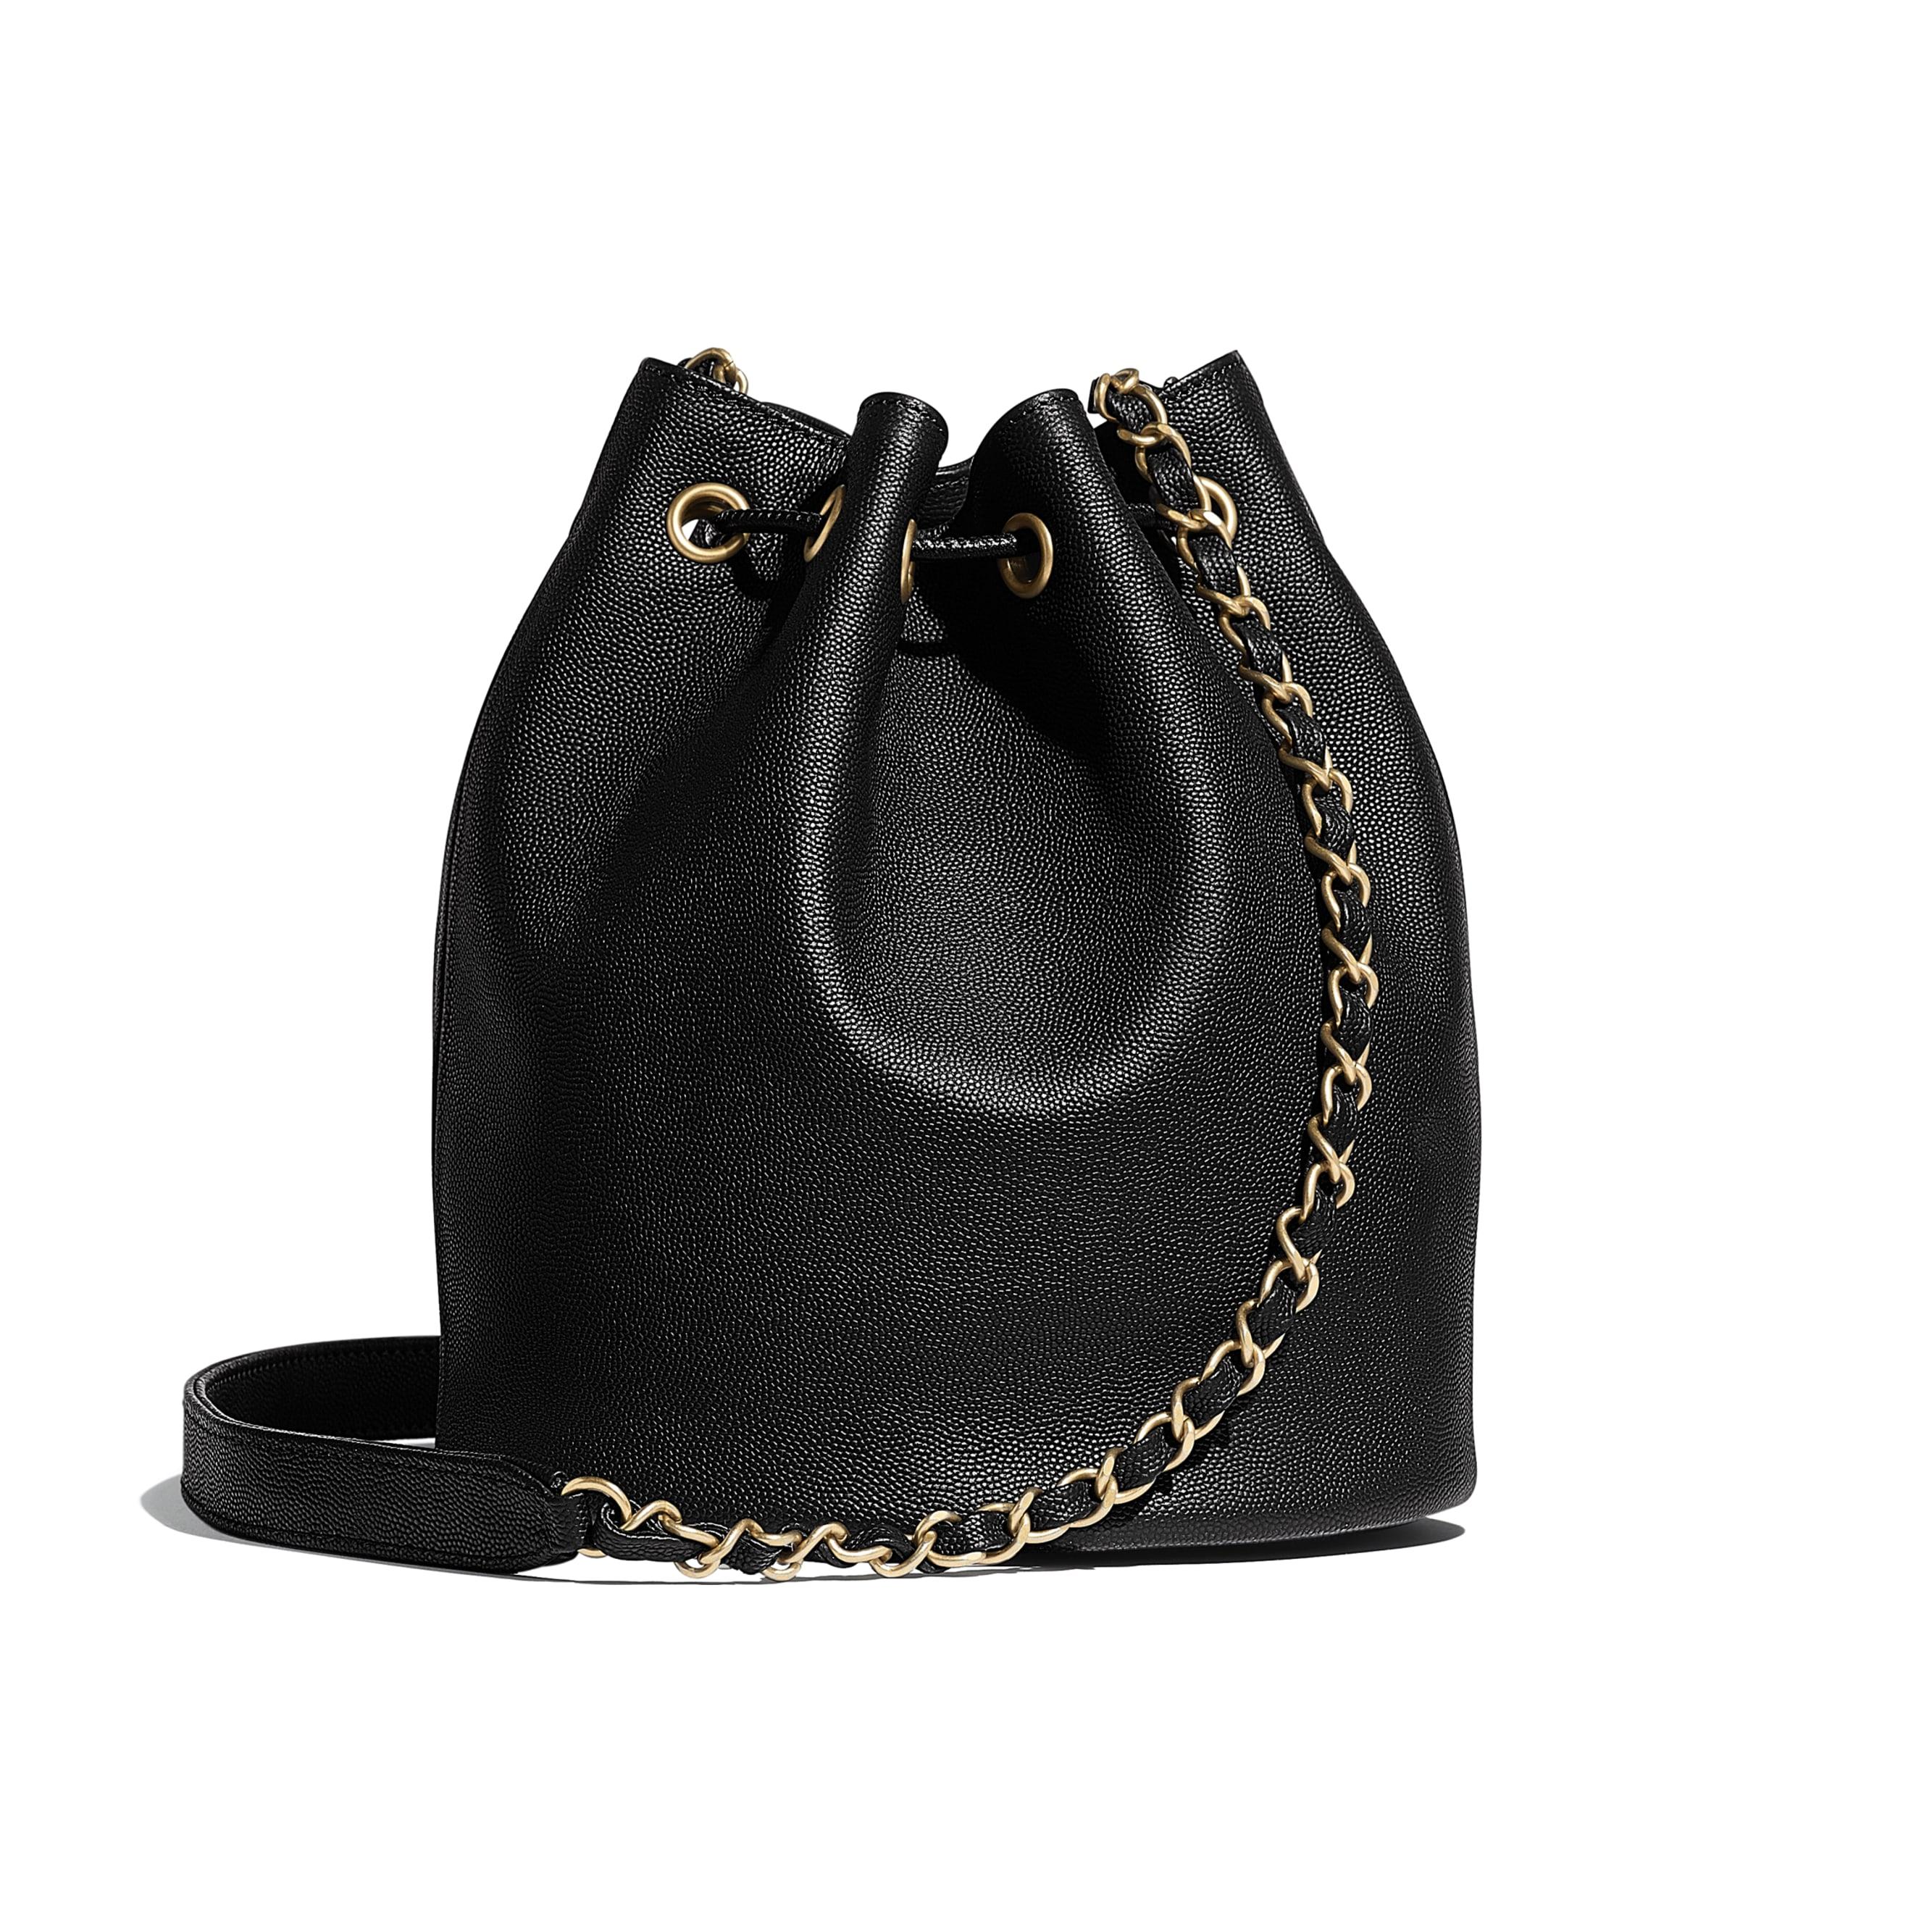 Сумка на шнурке маленького размера - Черный - Зернистая кожа теленка и золотистый металл - Альтернативный вид - посмотреть изображение стандартного размера